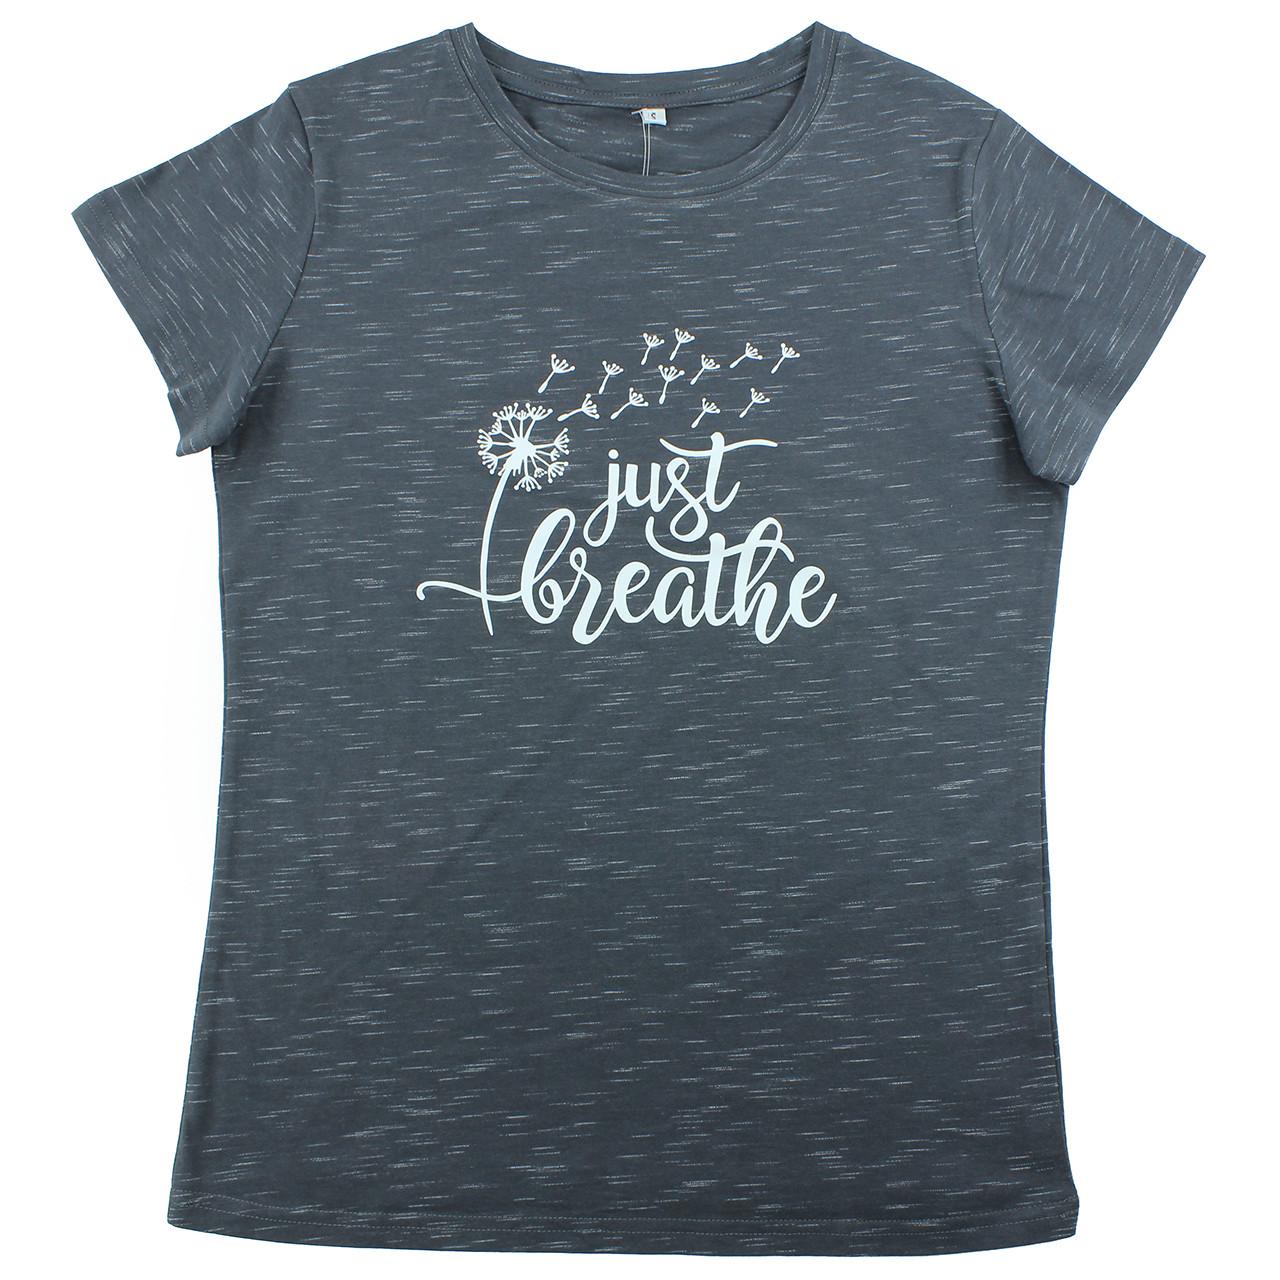 Женская футболка Одуванчик Just Breathe серая забавная хлопковая футболка для медитации летняя